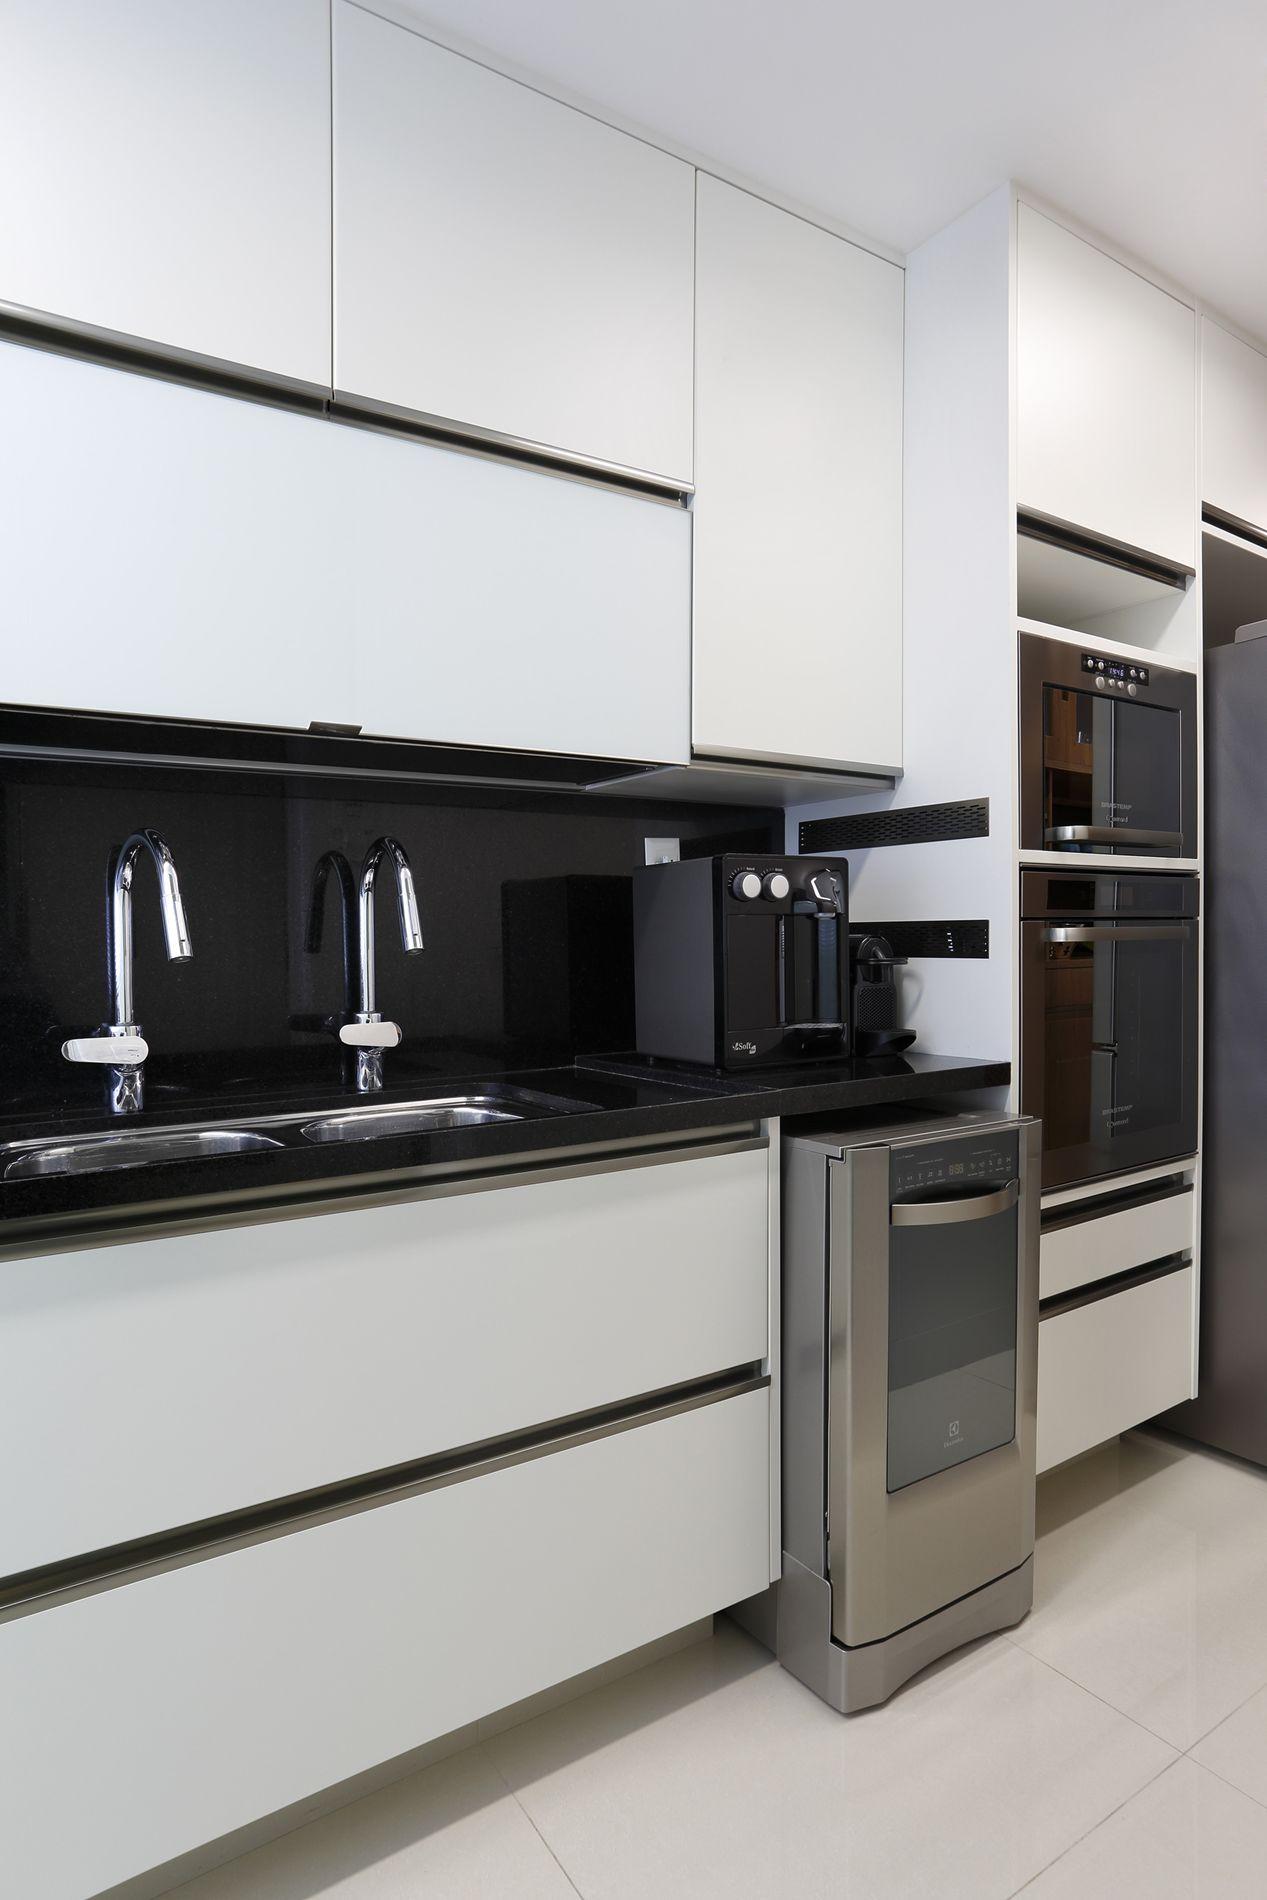 Projeto de Arquitetura e Decoração para Cozinhas Brancas em  #615C4F 1267 1900